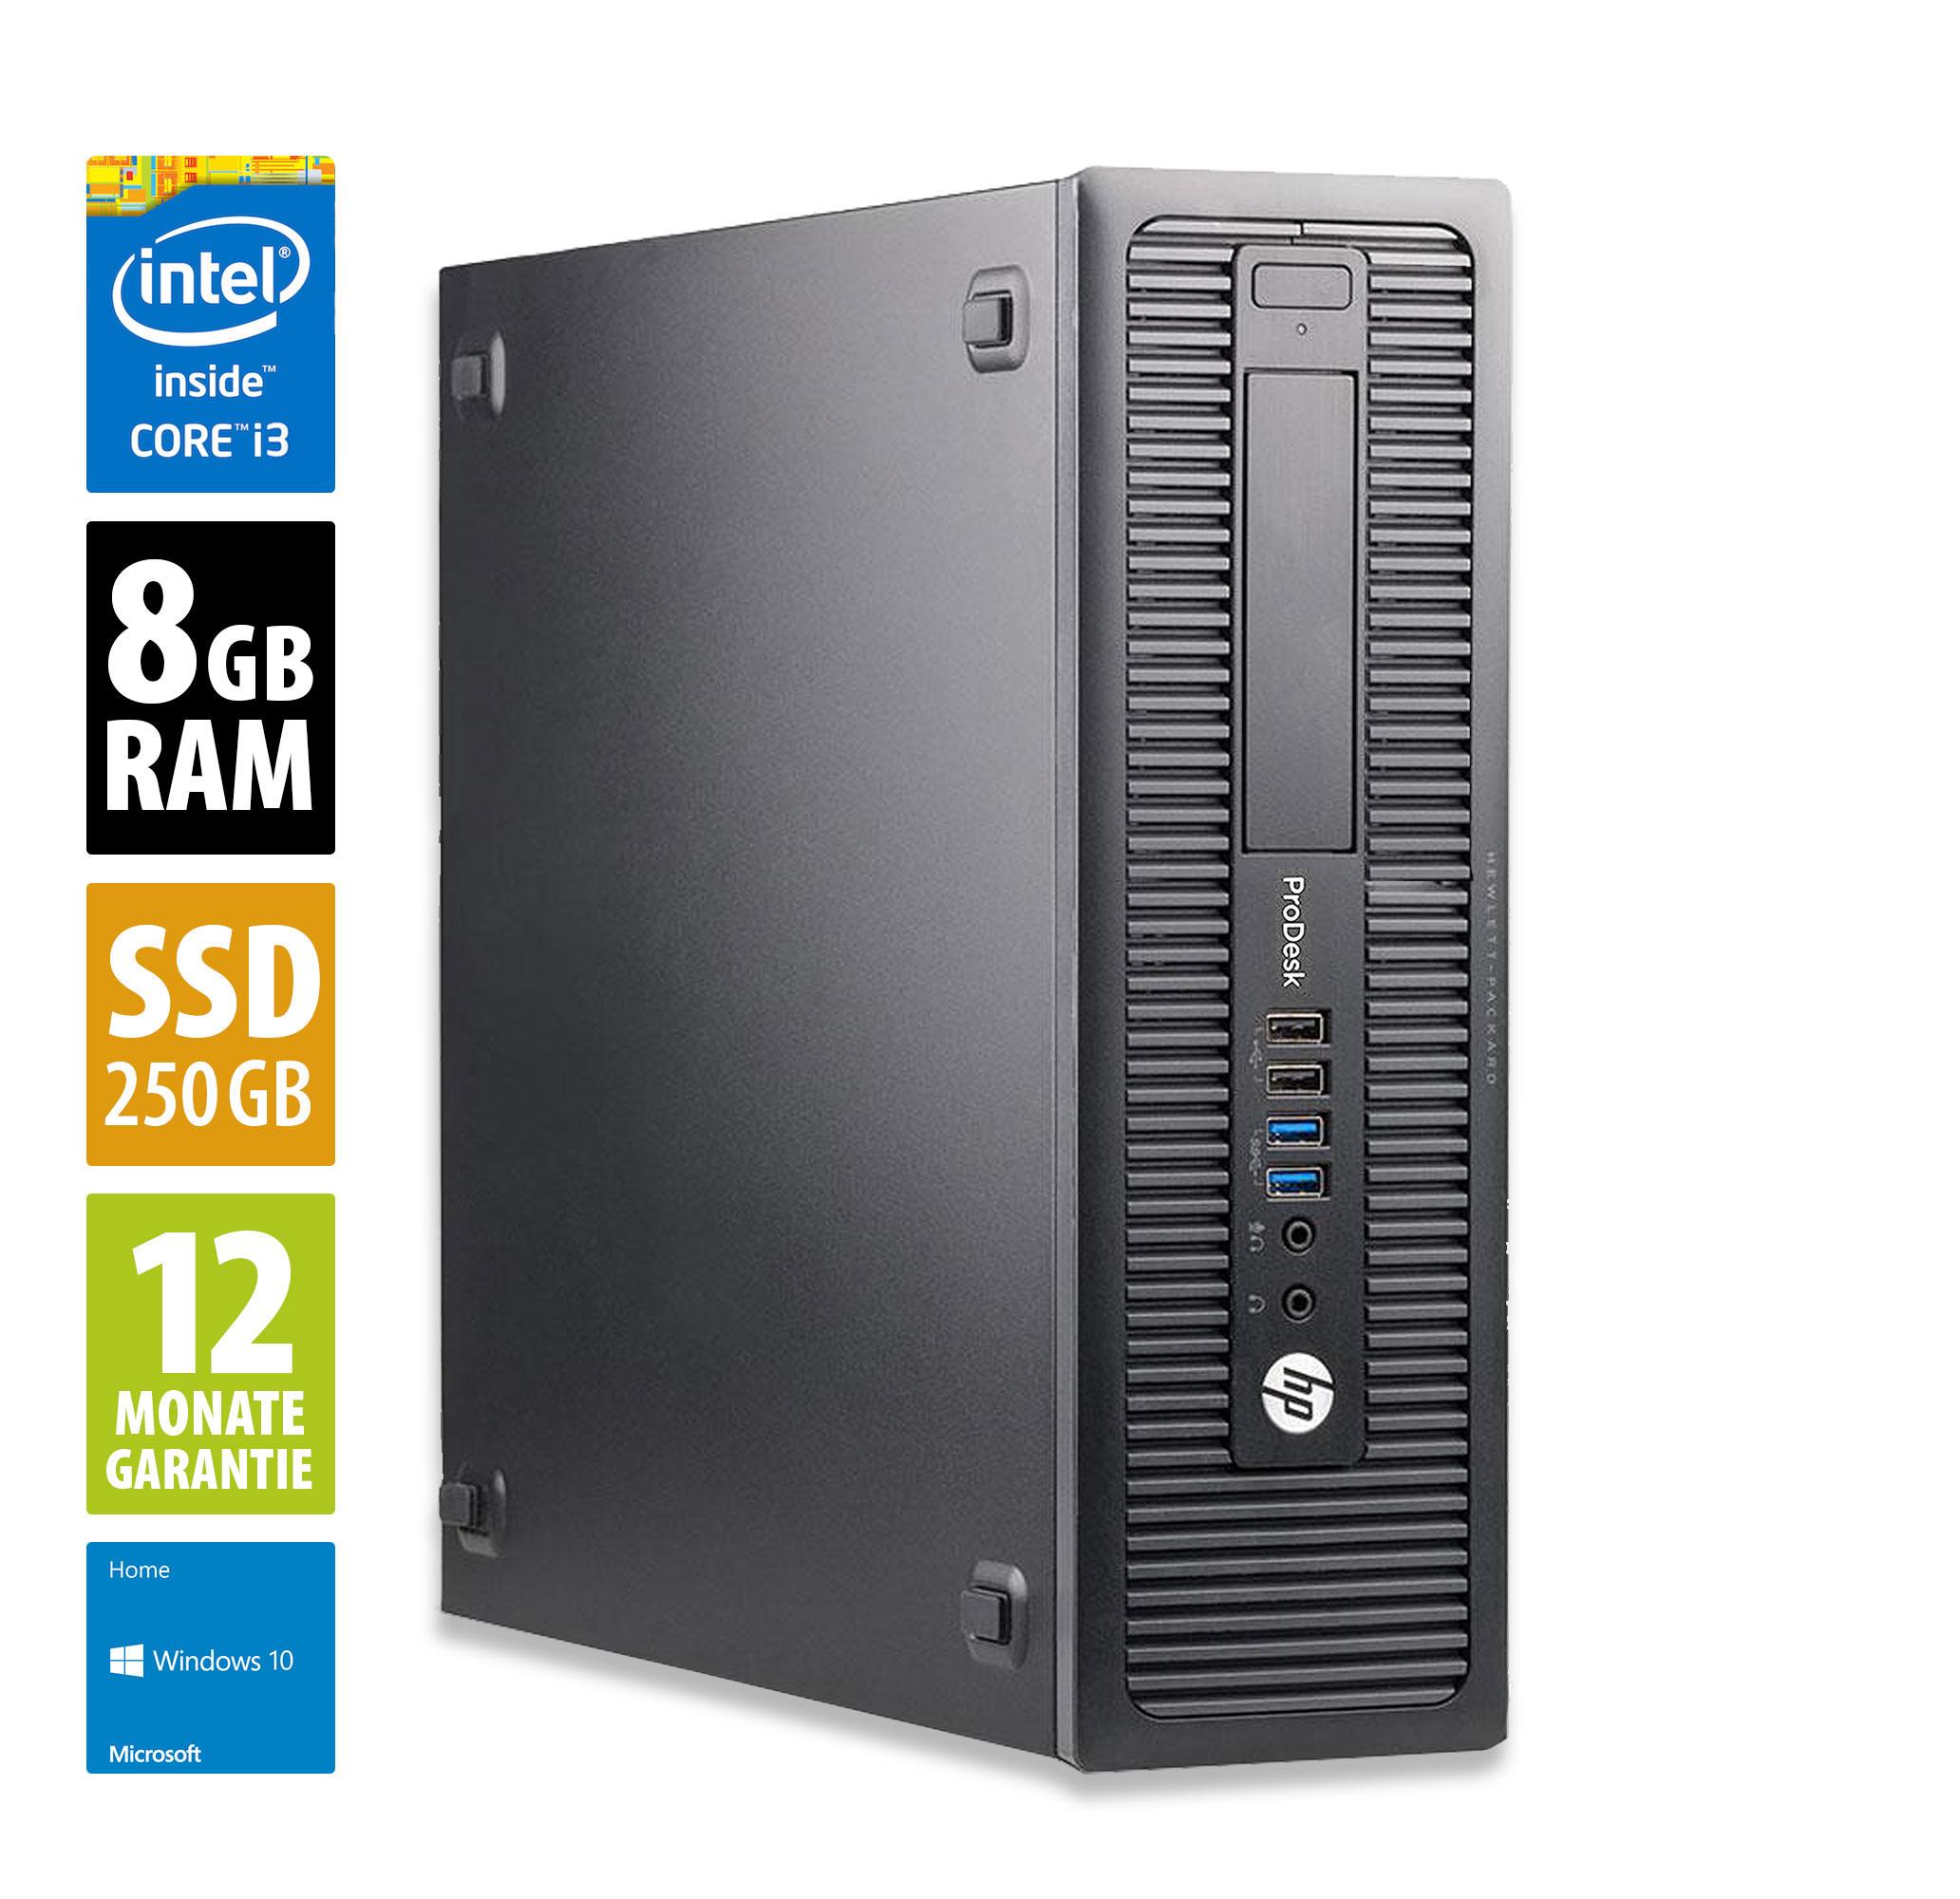 Office-Rechner von AfB, HP ProDesk 600 G1 SFF - Core i3-4130 @ 3,4 GHz - 8GB RAM - 250GB SSD - Win10Home Zustand: Grade A, Garantie 12 Mon.